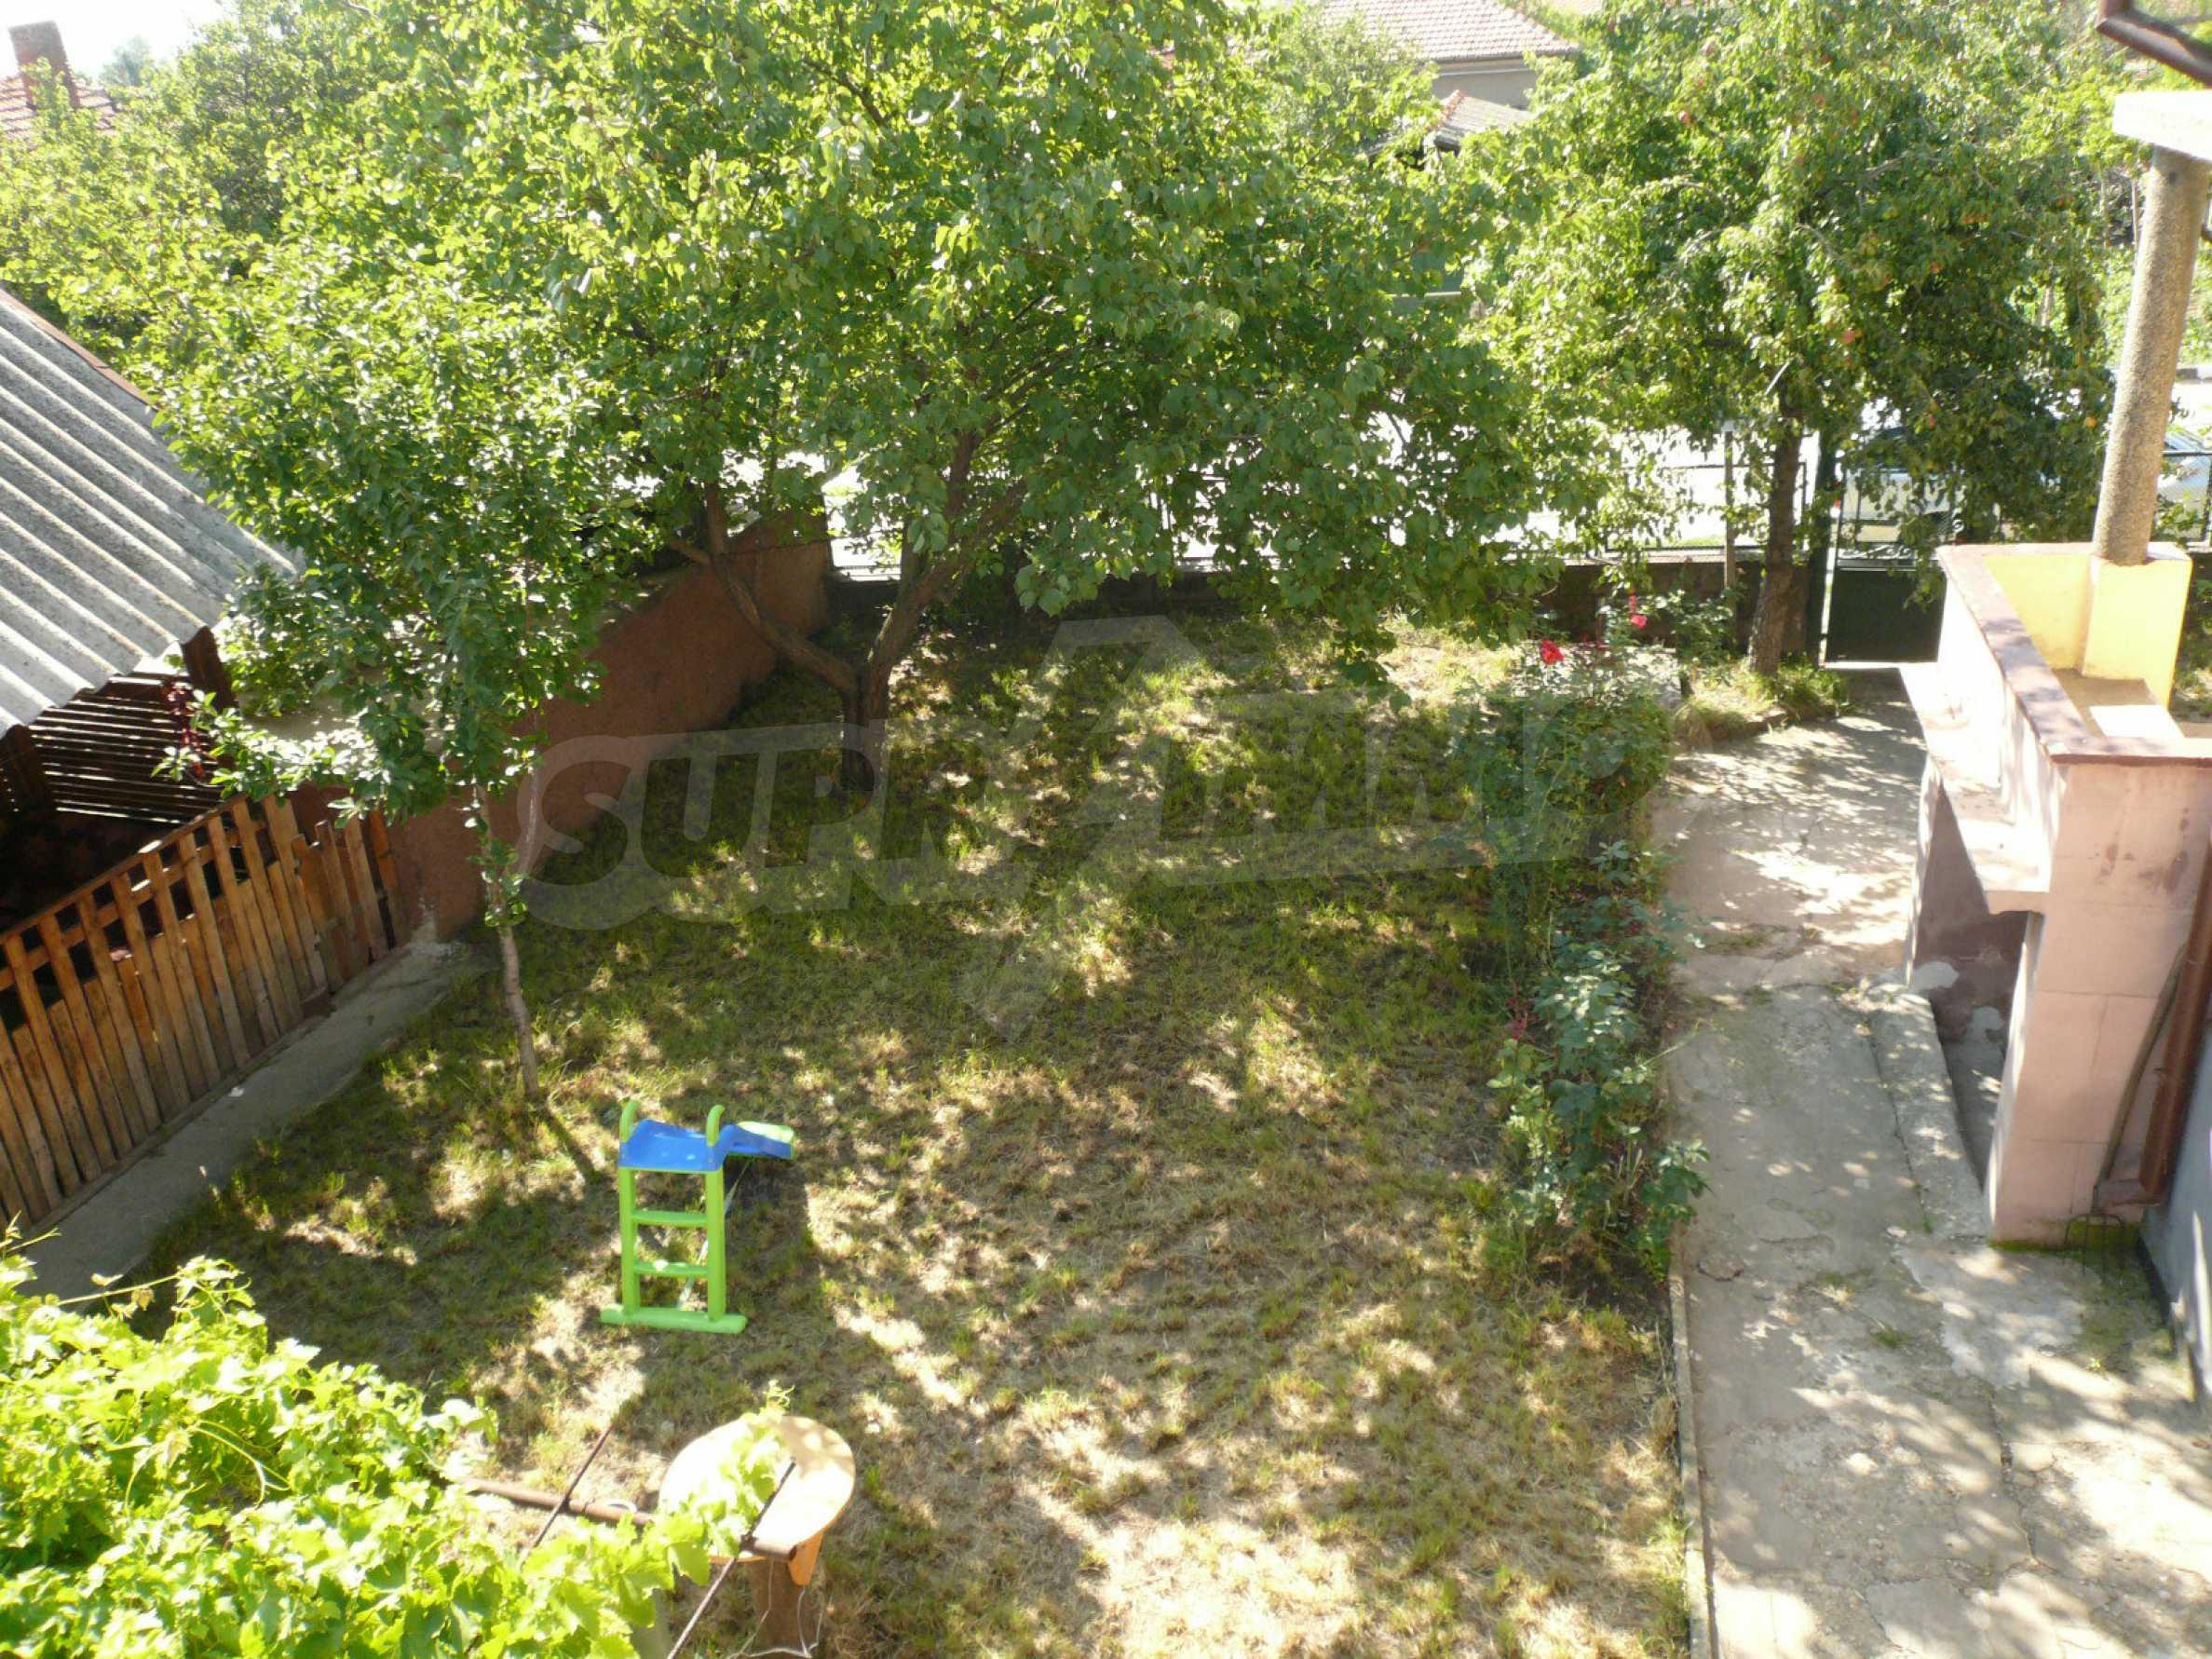 Ländliche Häuser mit einem Garten 12 km von Vidin entfernt 14